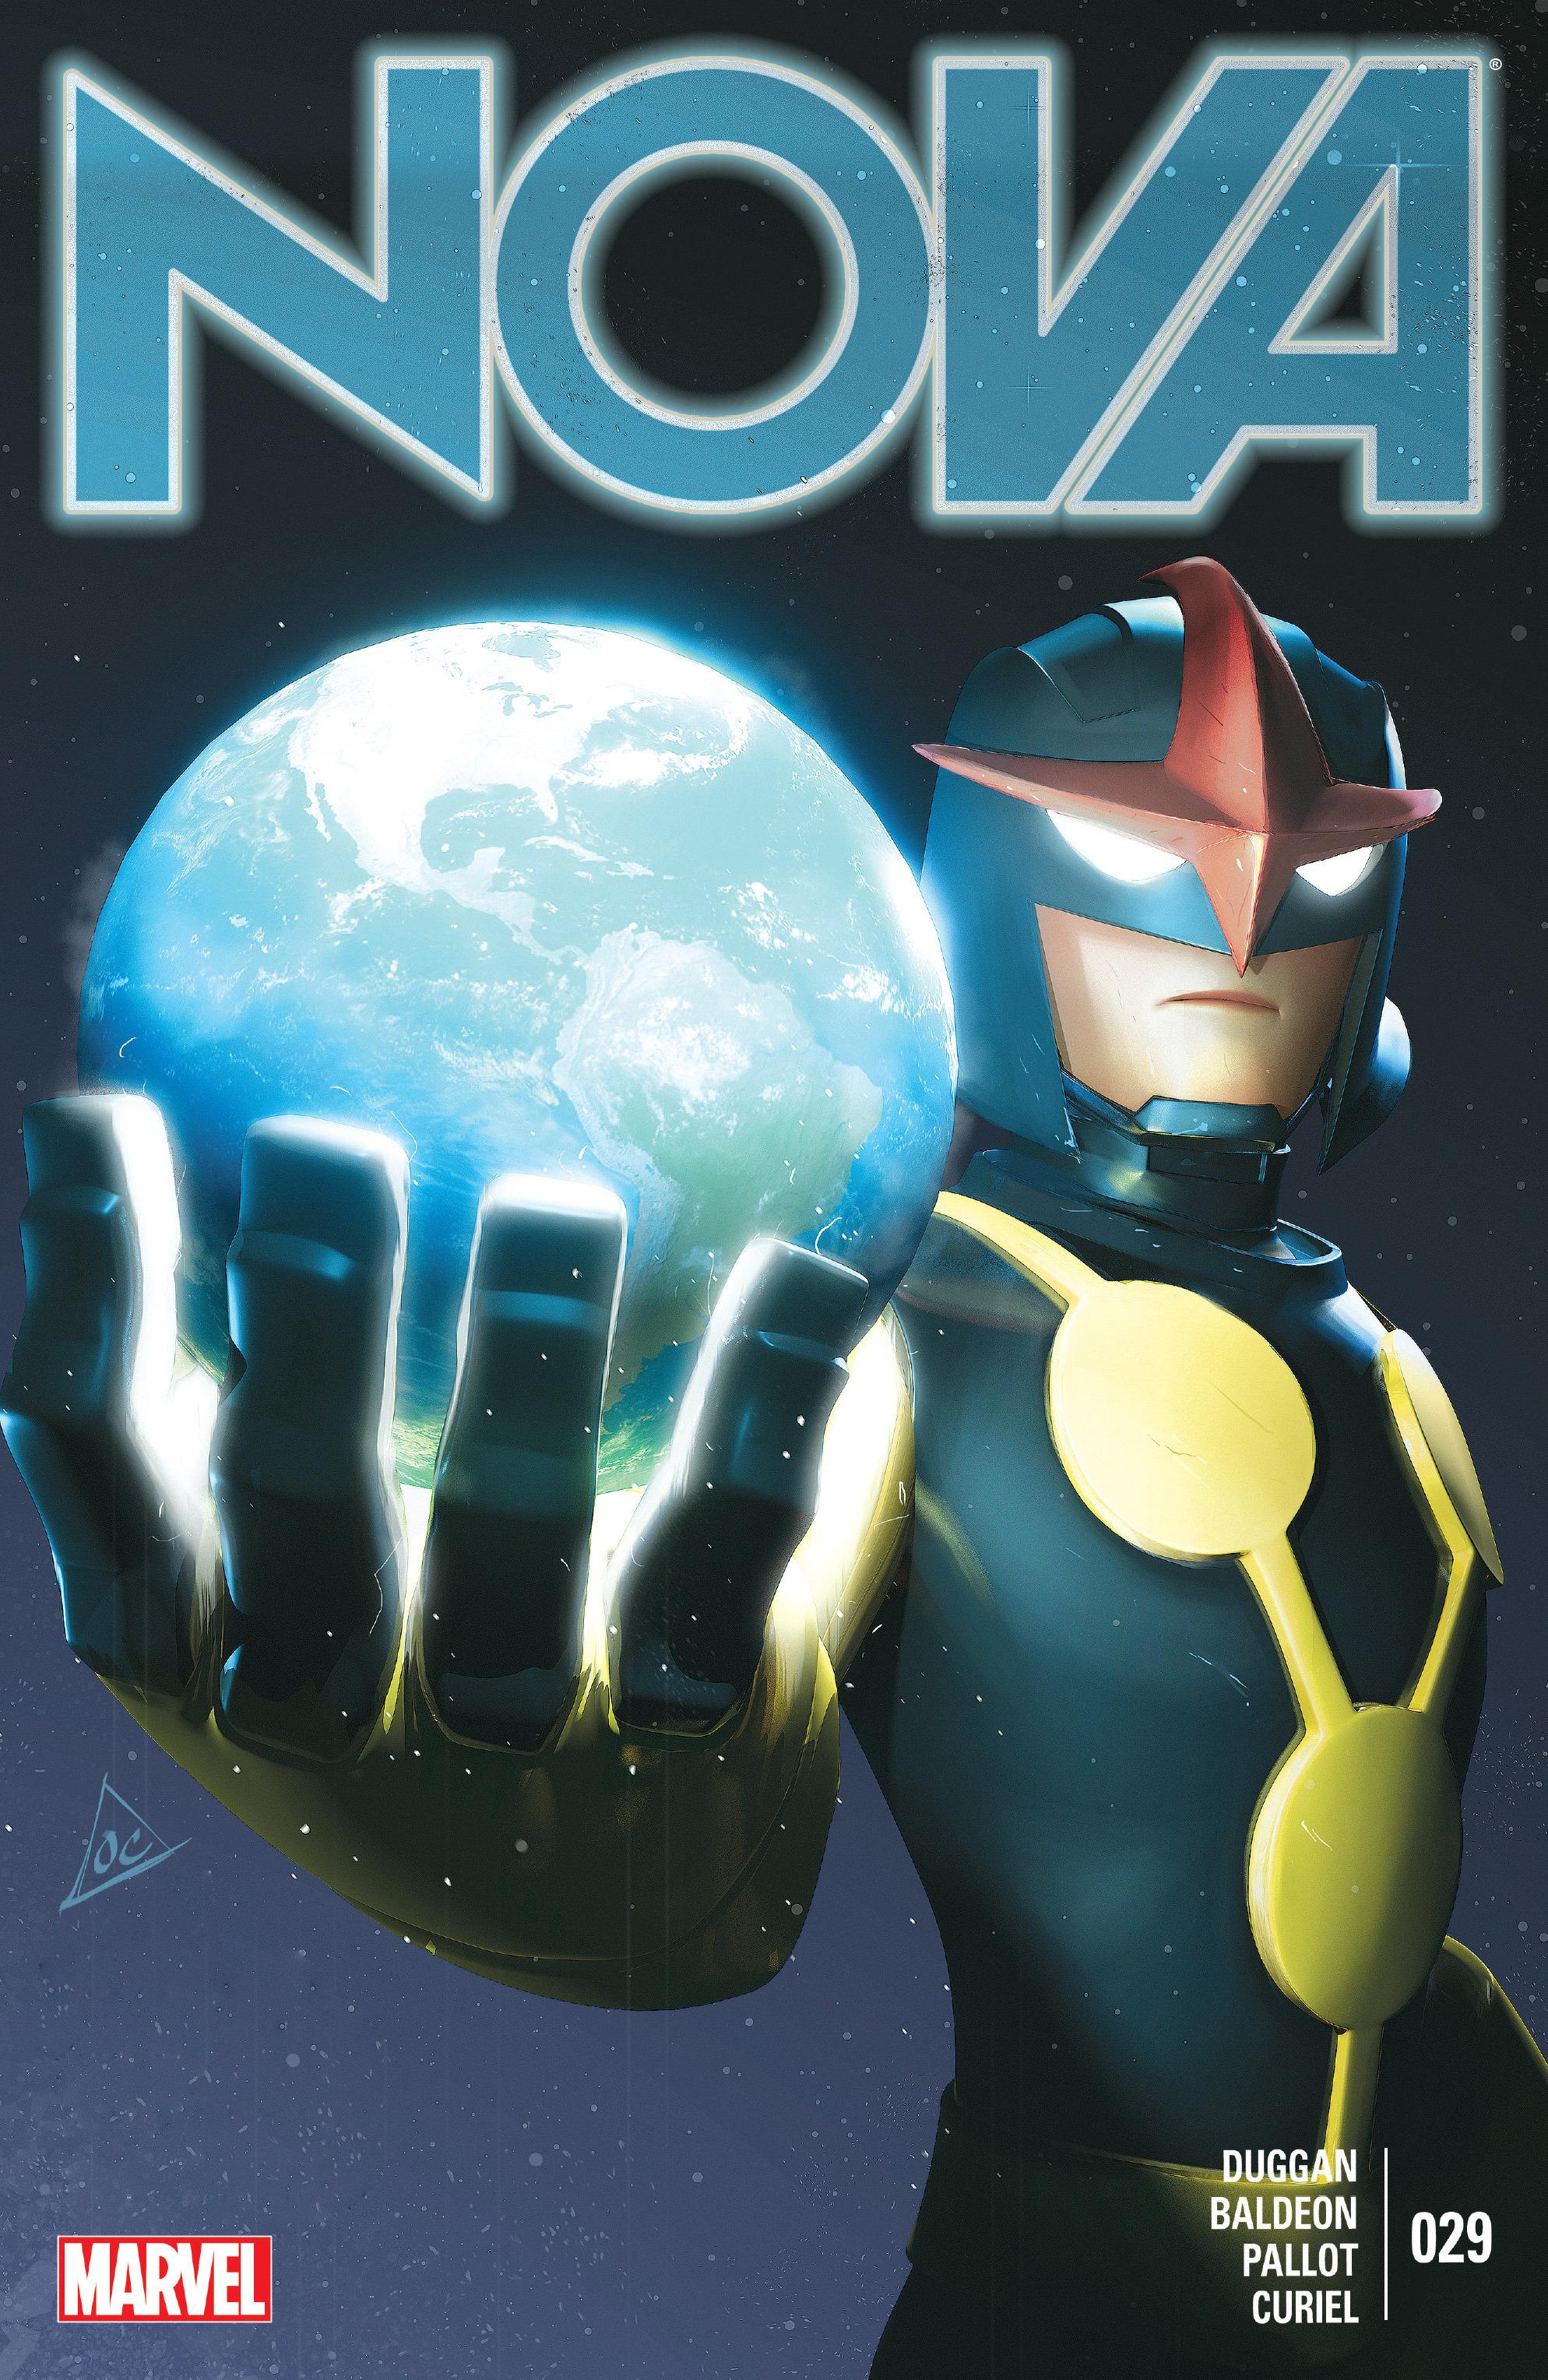 Nova (2013) chap 29 pic 1